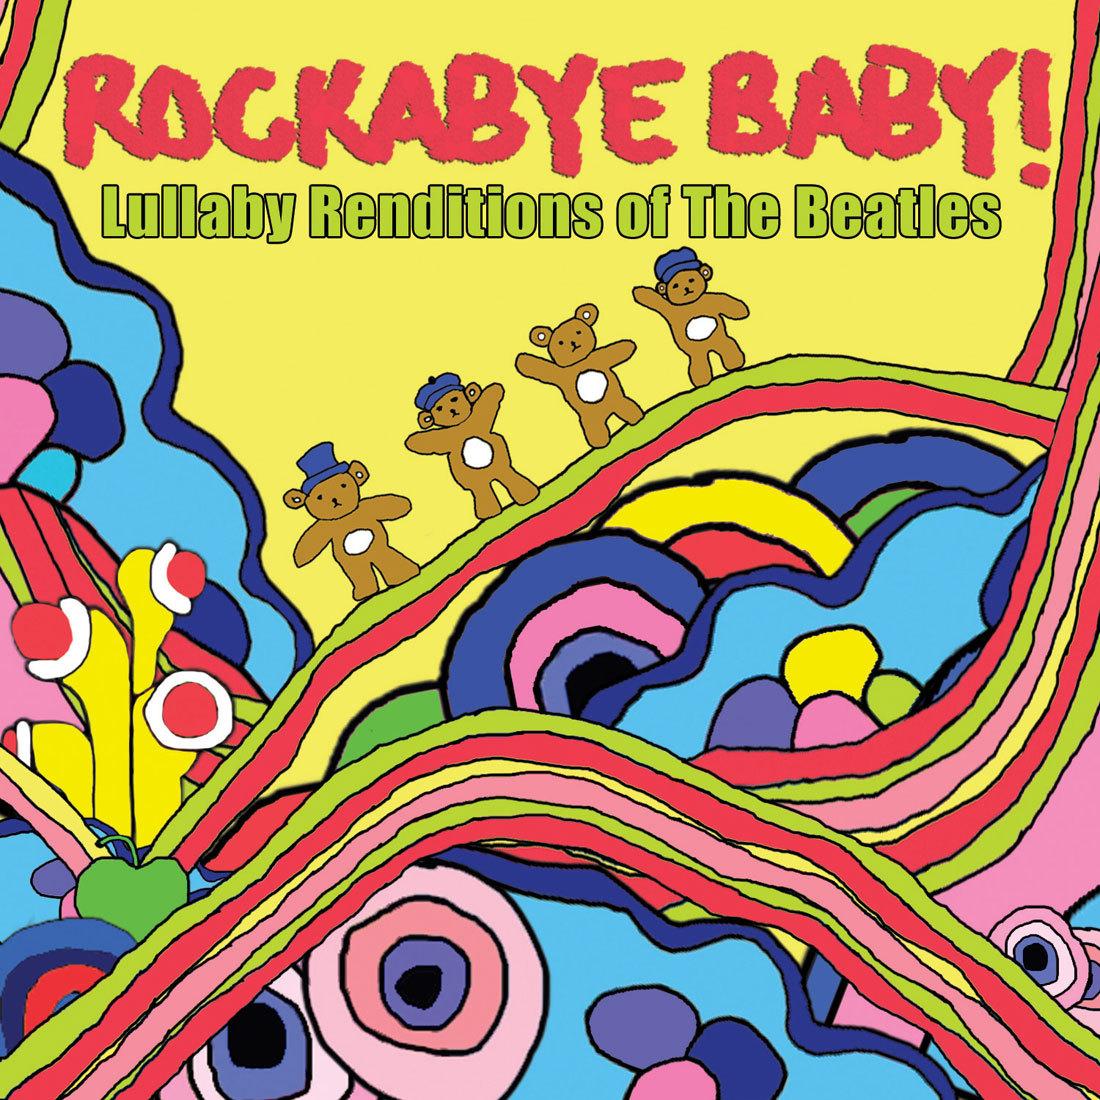 Rockabye Baby! Ou la musique de nos groupes favoris en version berceuse. Un must have ! Ici les Beatles